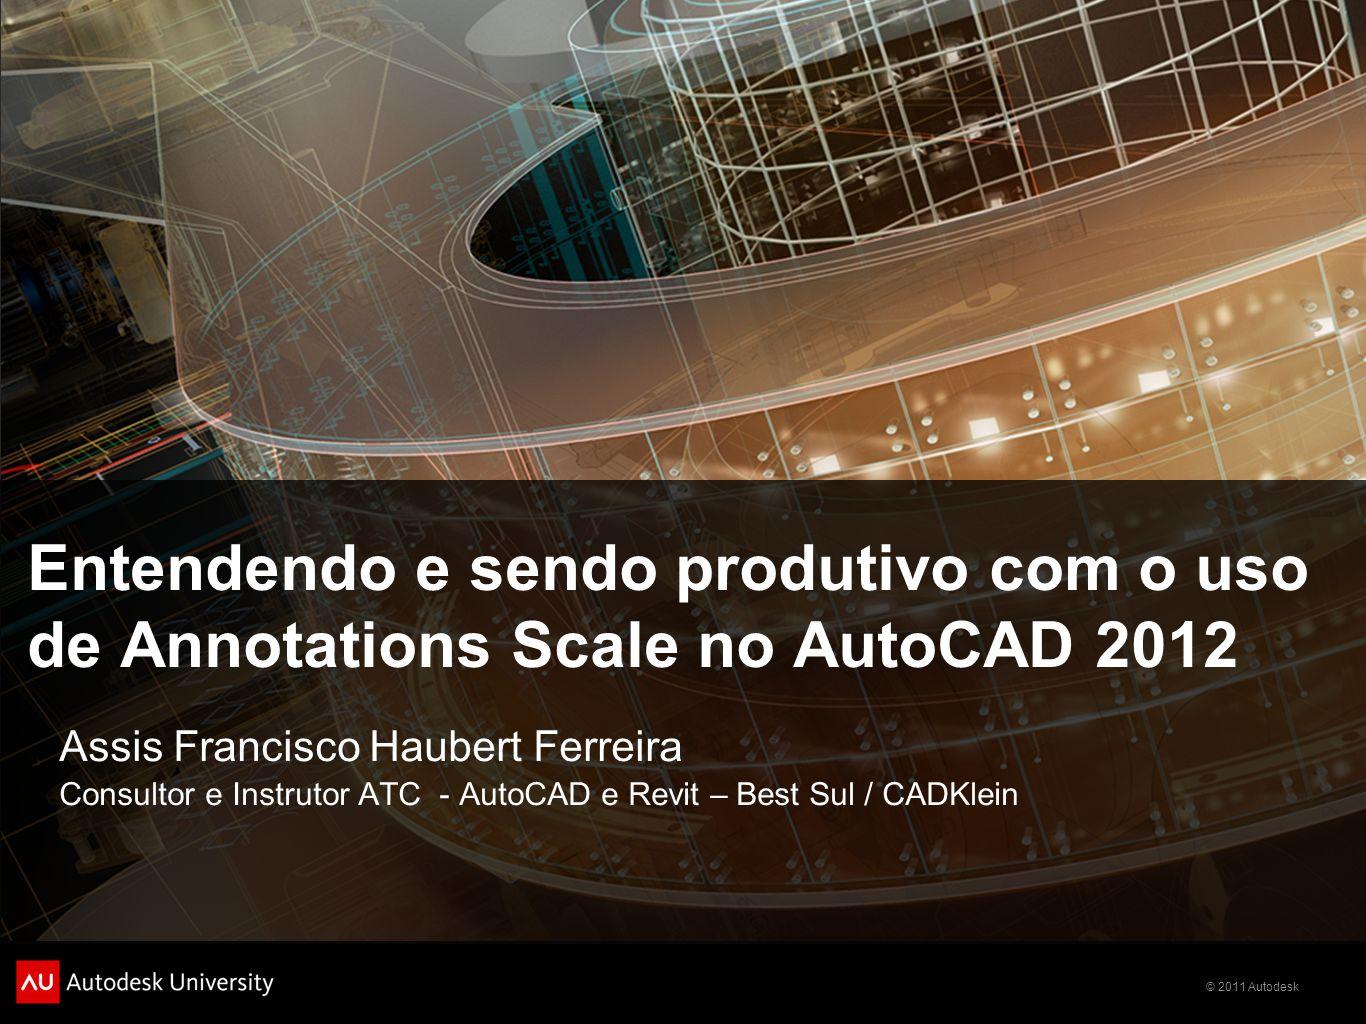 Entendendo e sendo produtivo com o uso de Annotations Scale no AutoCAD 2012